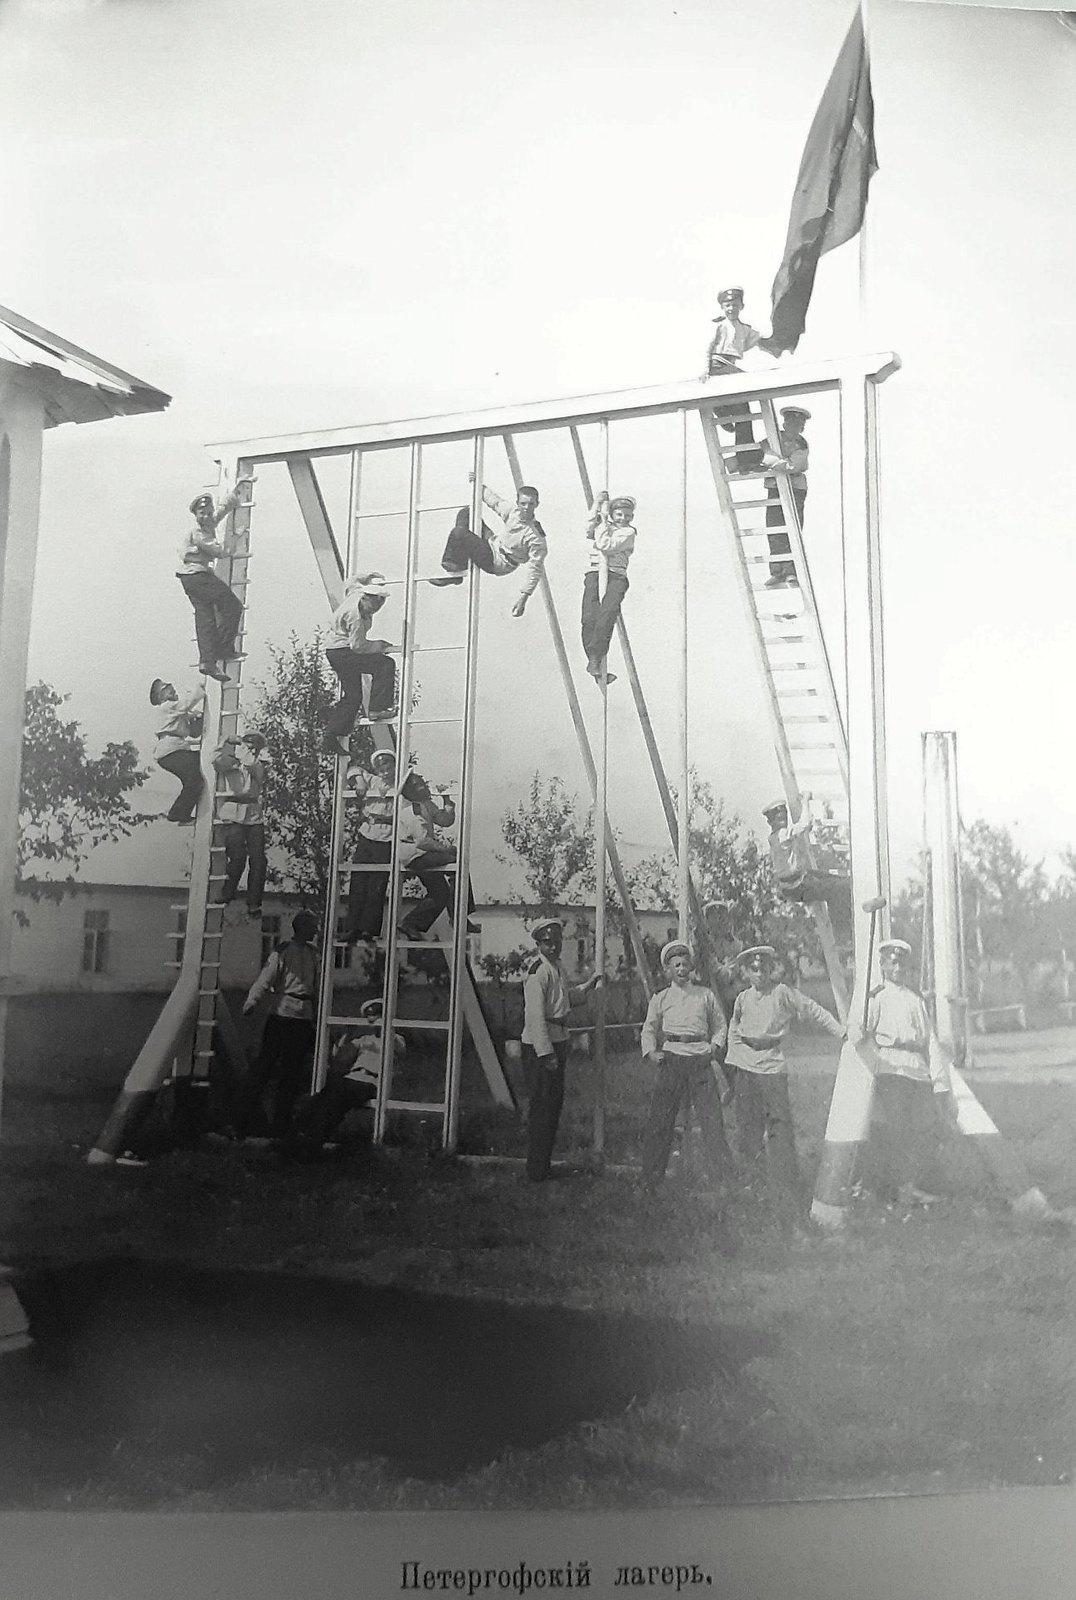 74. Петергофский лагерь (1)